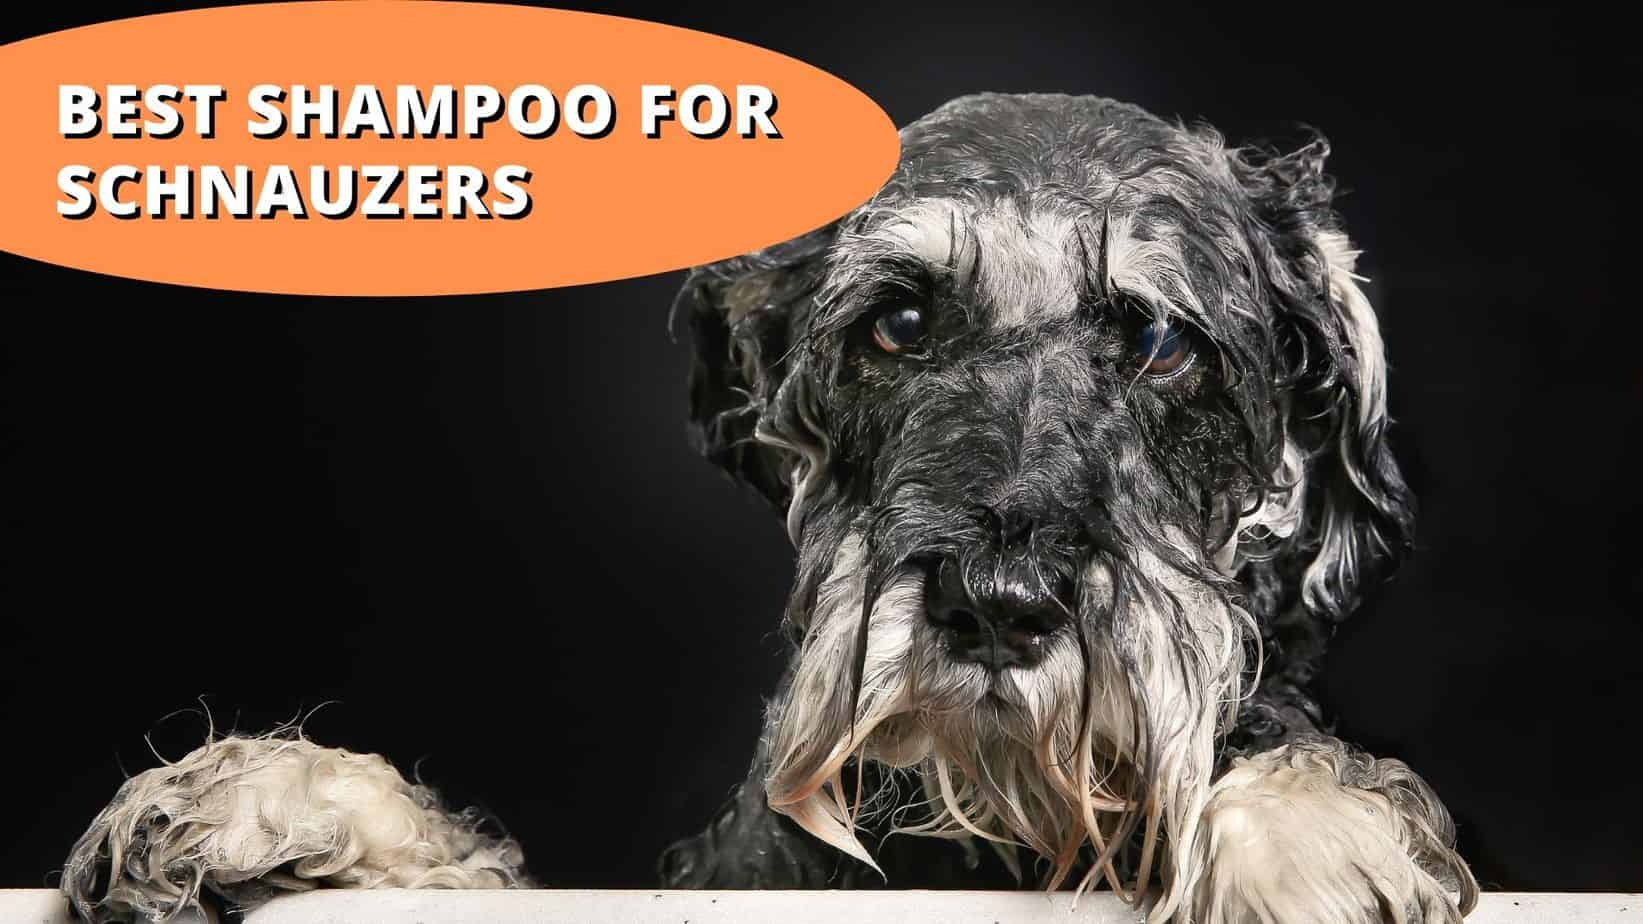 best shampoo for schnauzers